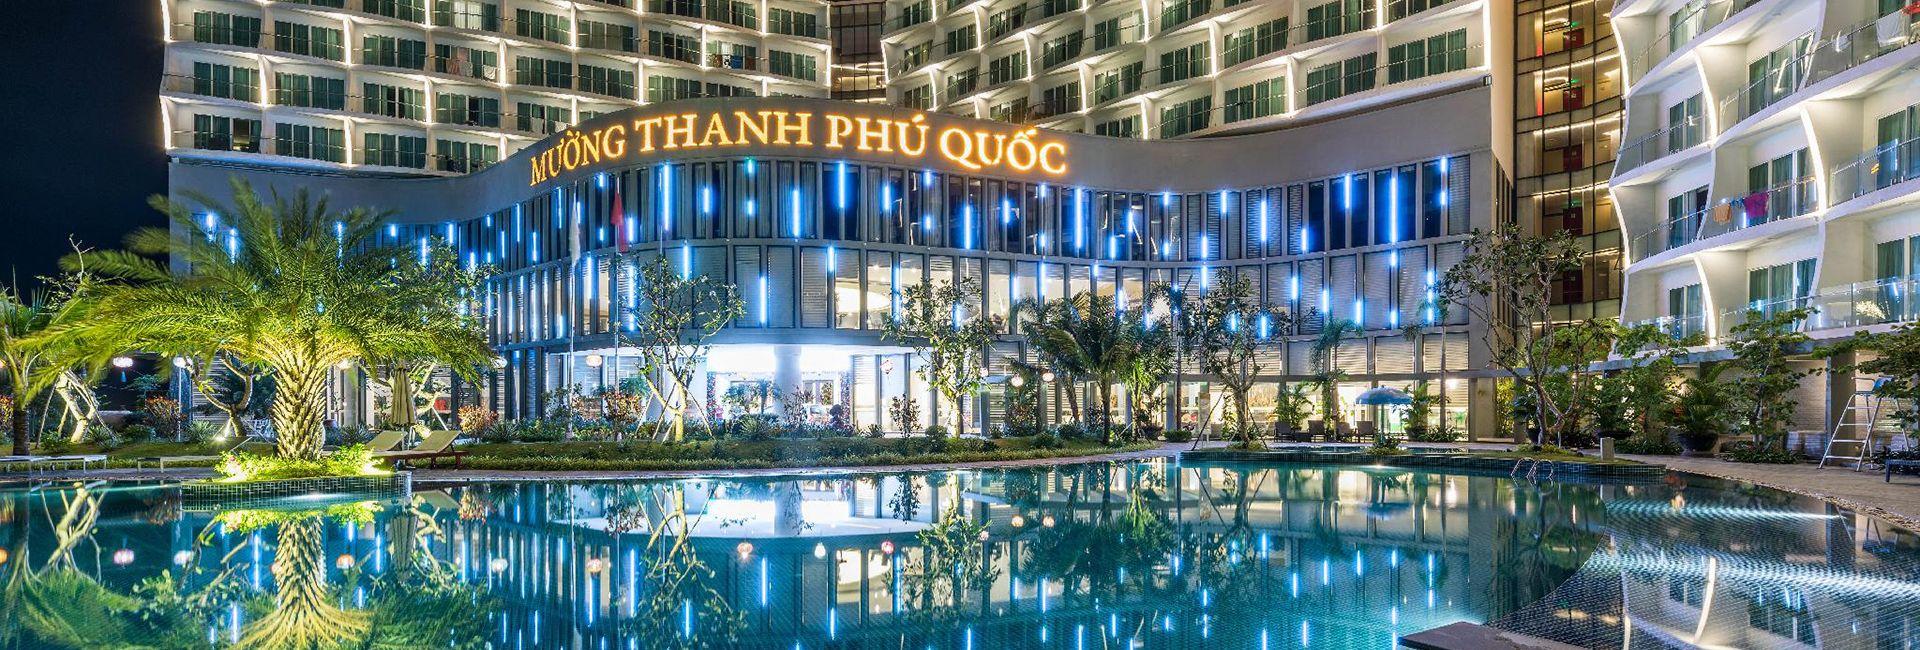 Top 10 khách sạn 5 sao ở Phú Quốc bạn không thể bỏ qua